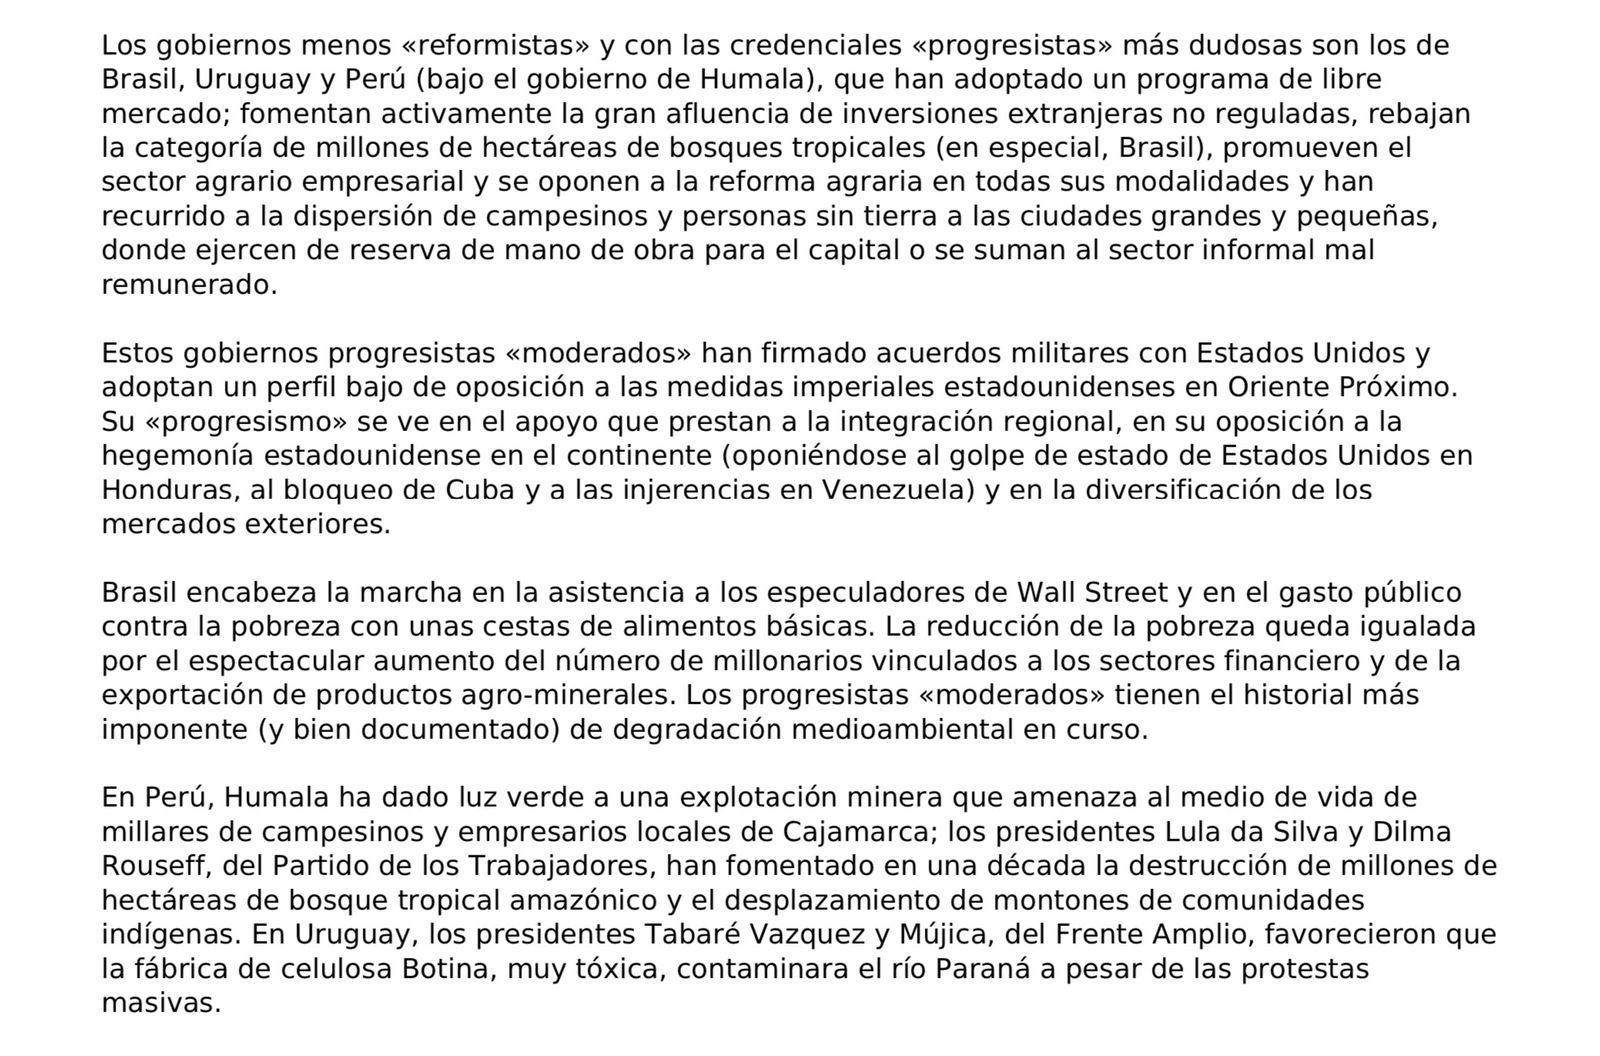 James Petras: El capitalismo extractivo de Evo, Cristina, Ollanta, Correa, Dilma y Chávez